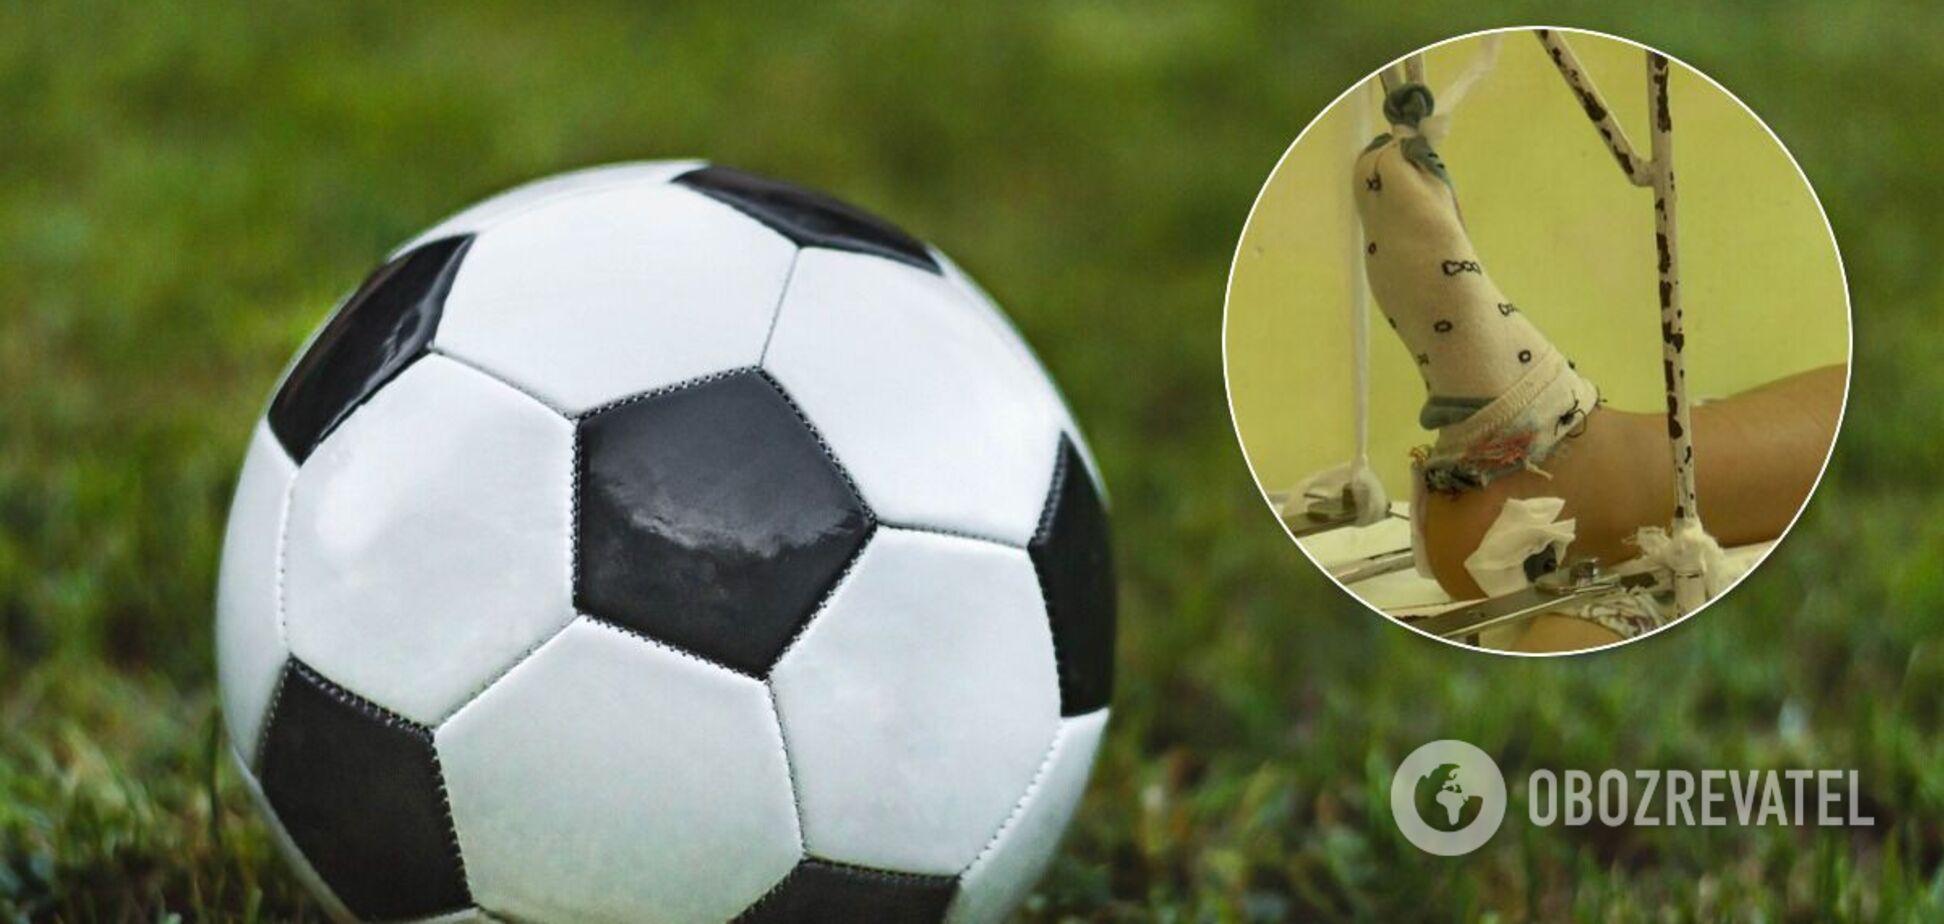 Ребенок сломал ногу во время игры в футбол